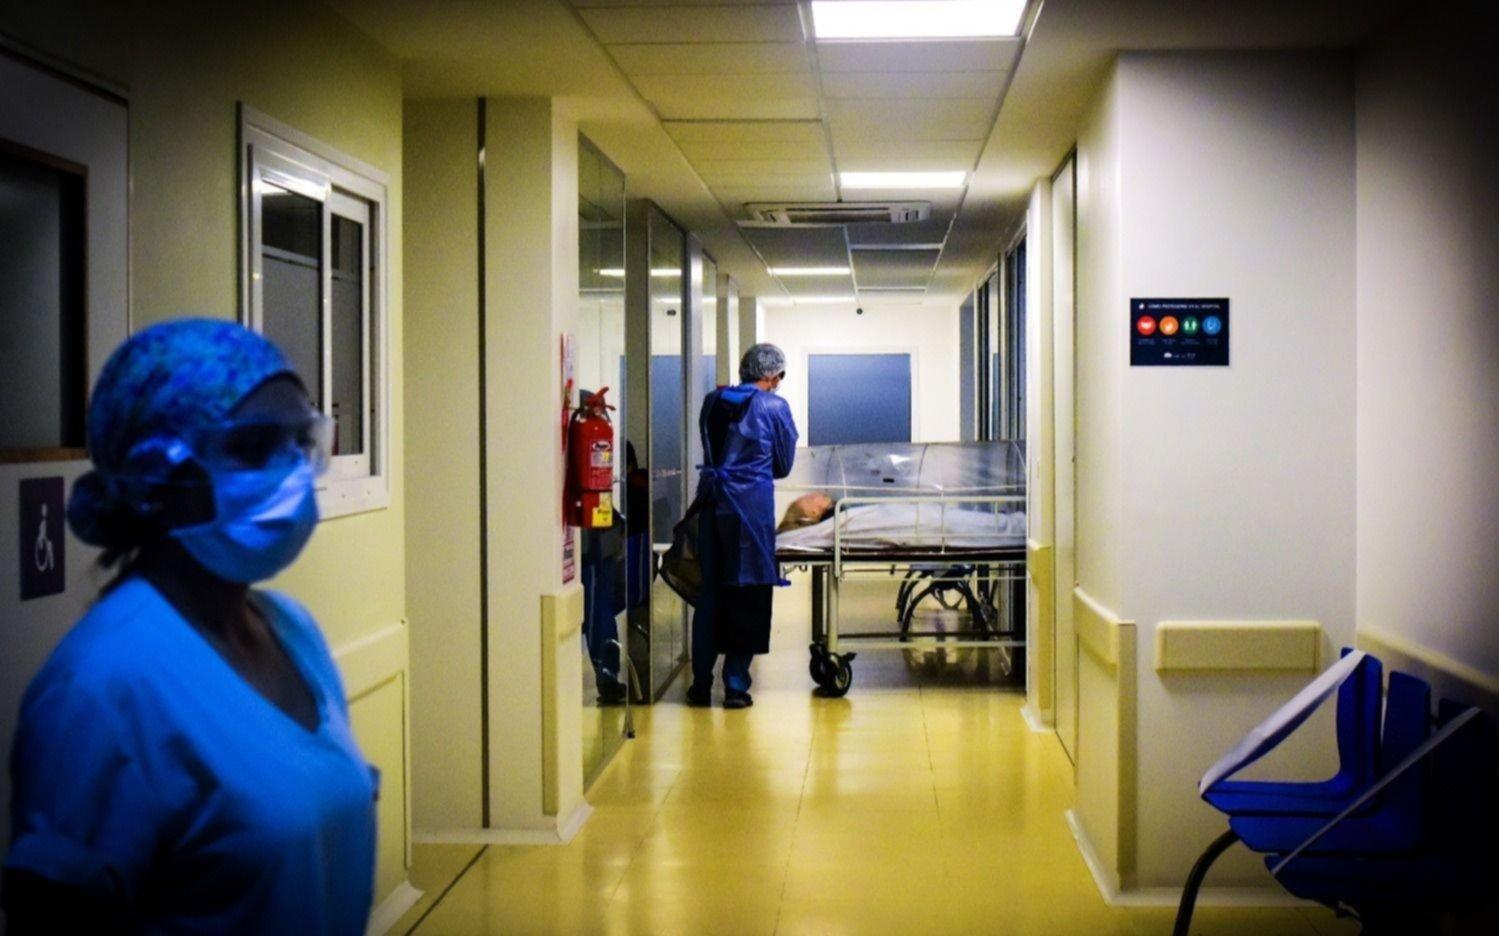 Terapias intensivas: las clínicas privadas de La Plata con una ocupación de entre el 90 y 100%